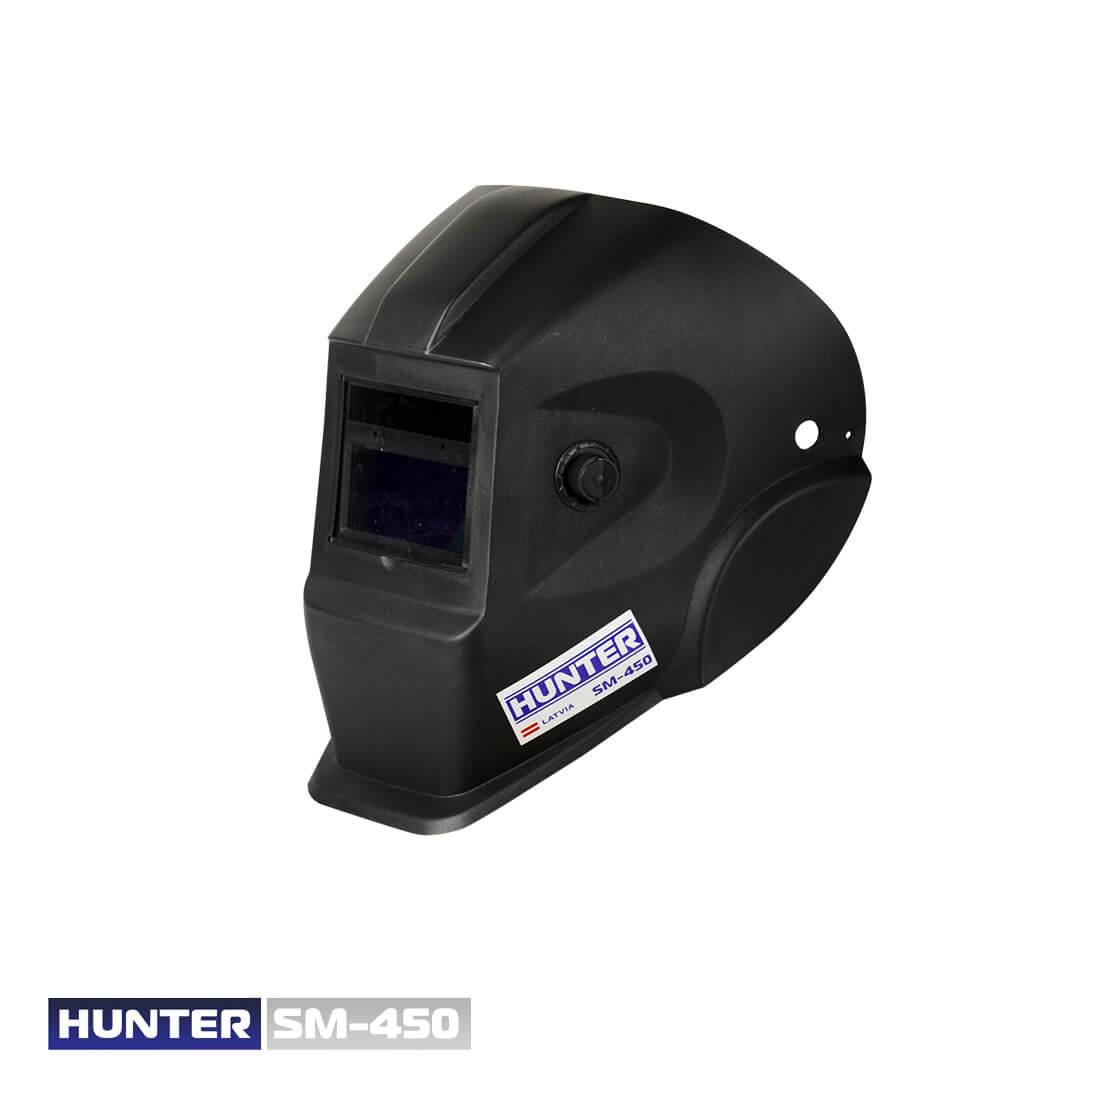 Фото SM-450 цена 600грн №3 — Hunter